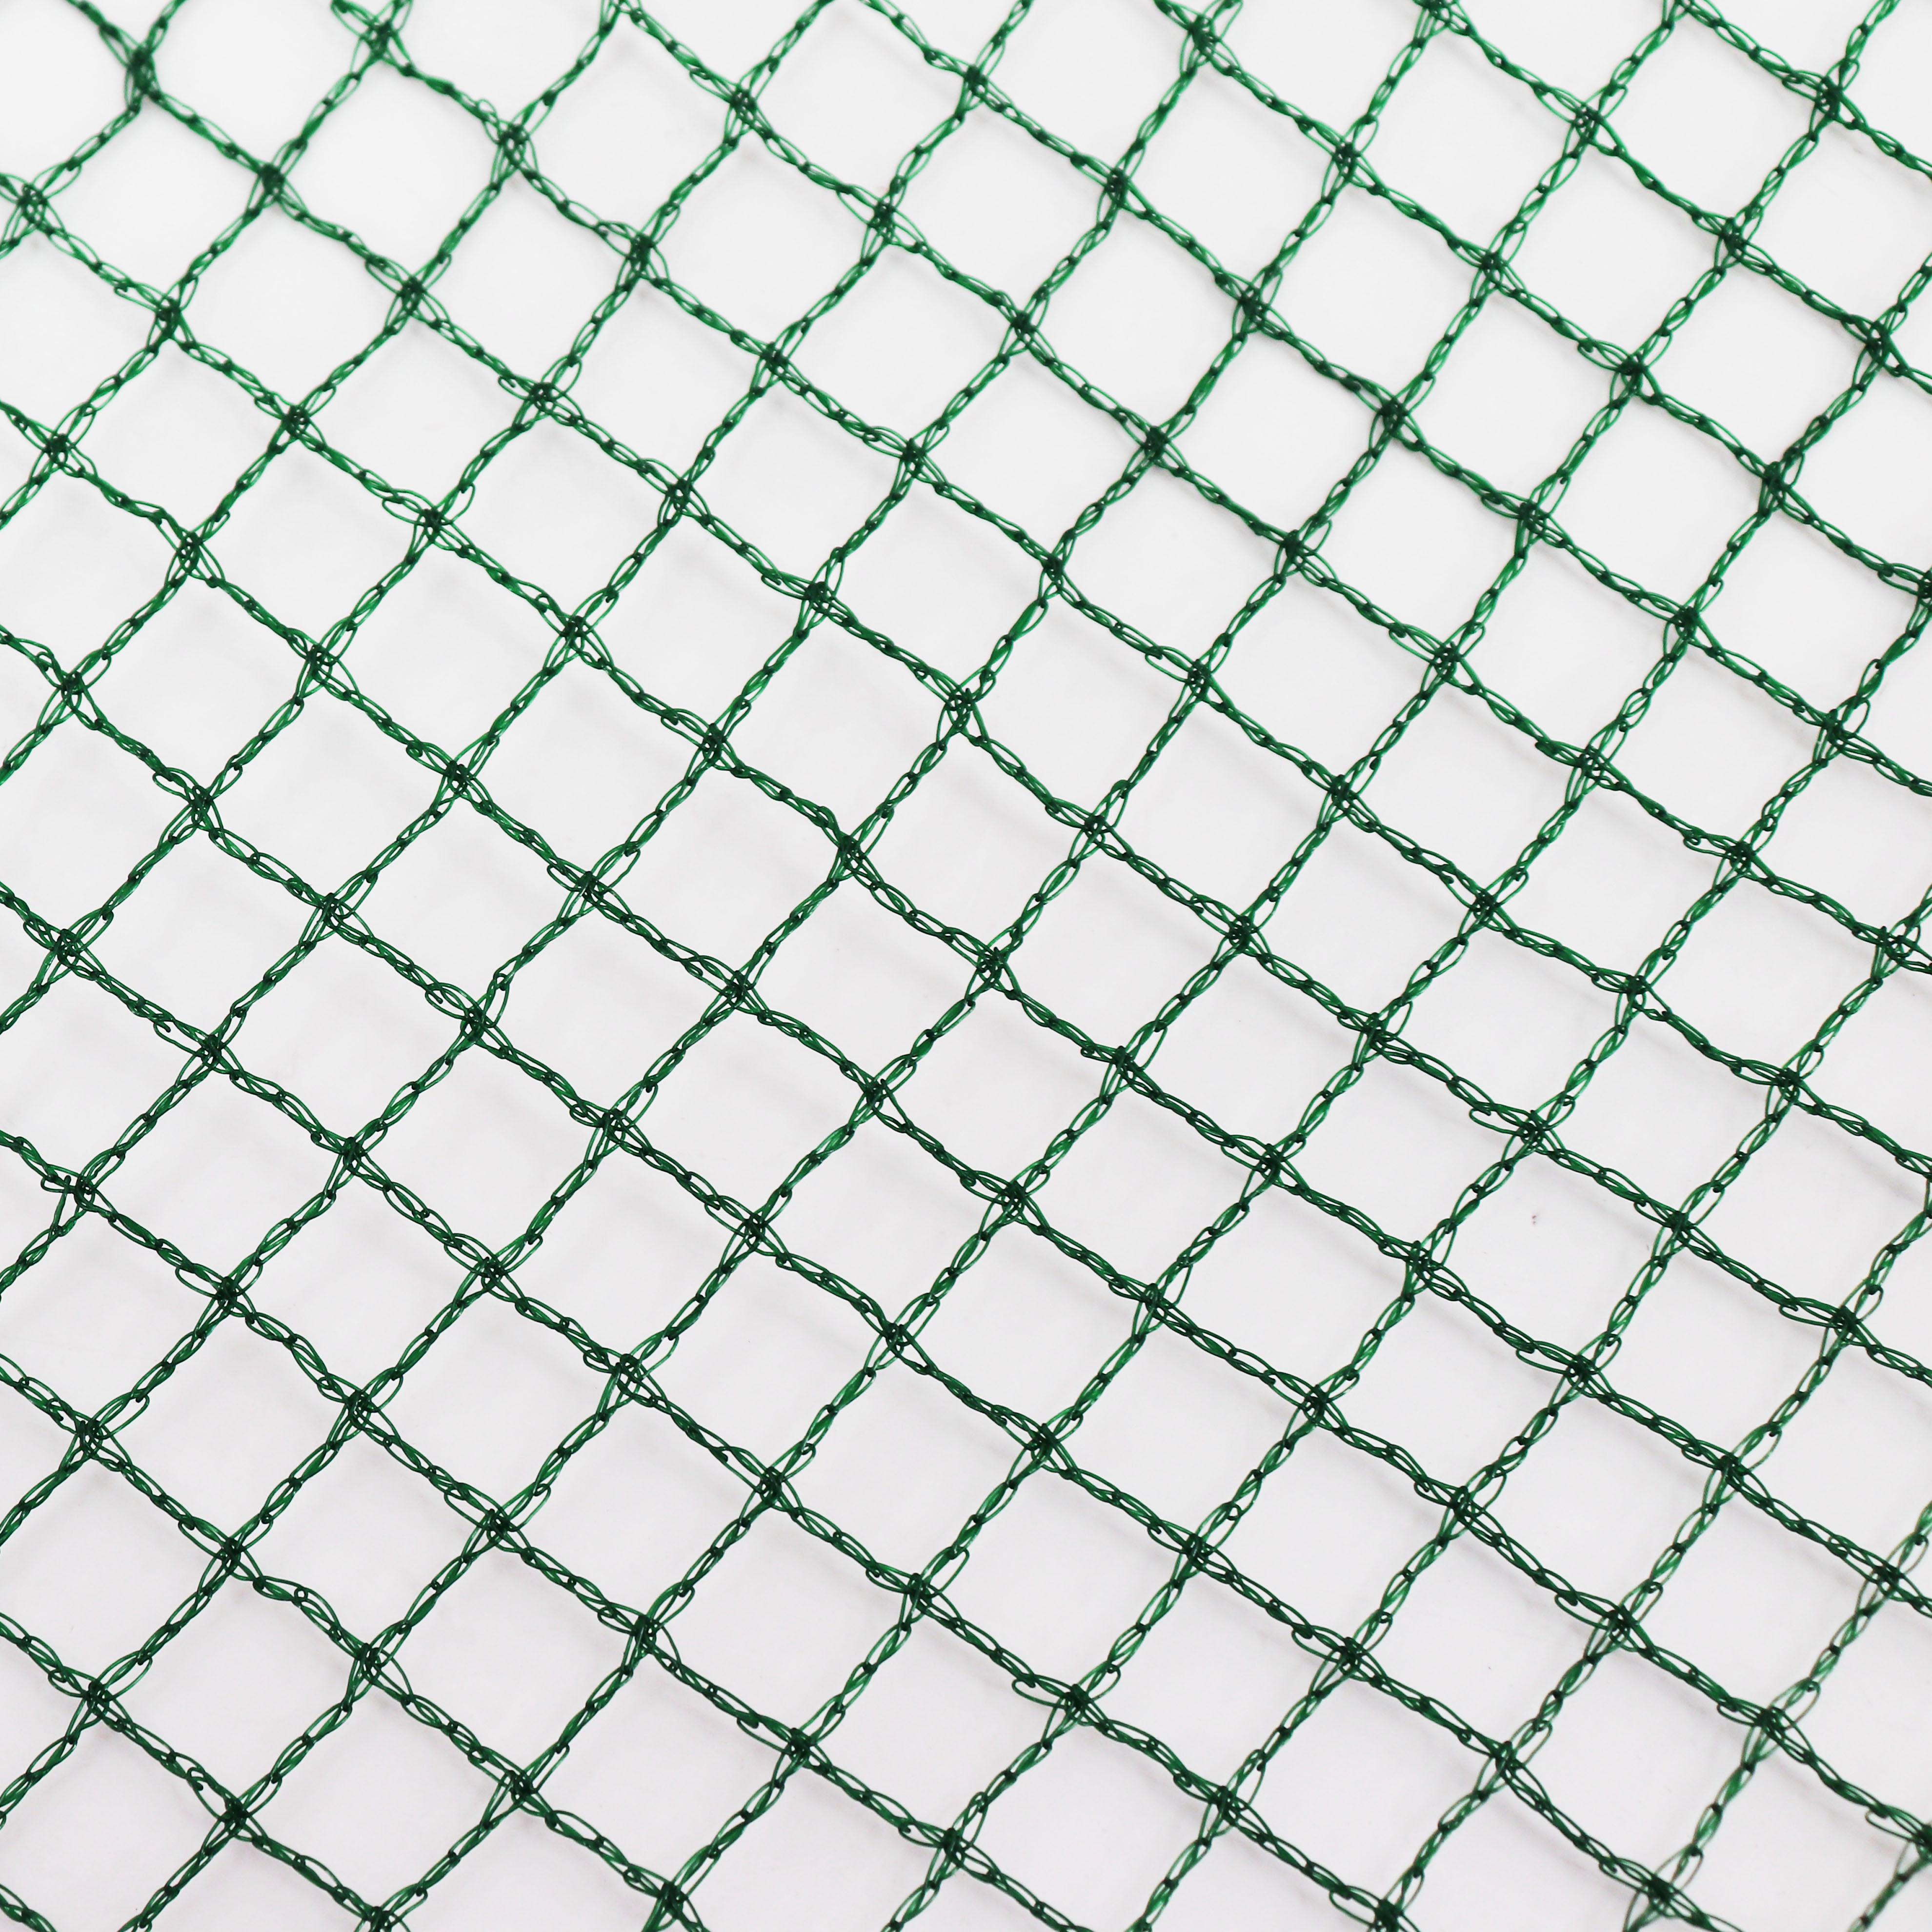 2m x 5m Vogelschutznetz Vogelnetz Teichschutznetz Laubschutznetz Baumschutznetz